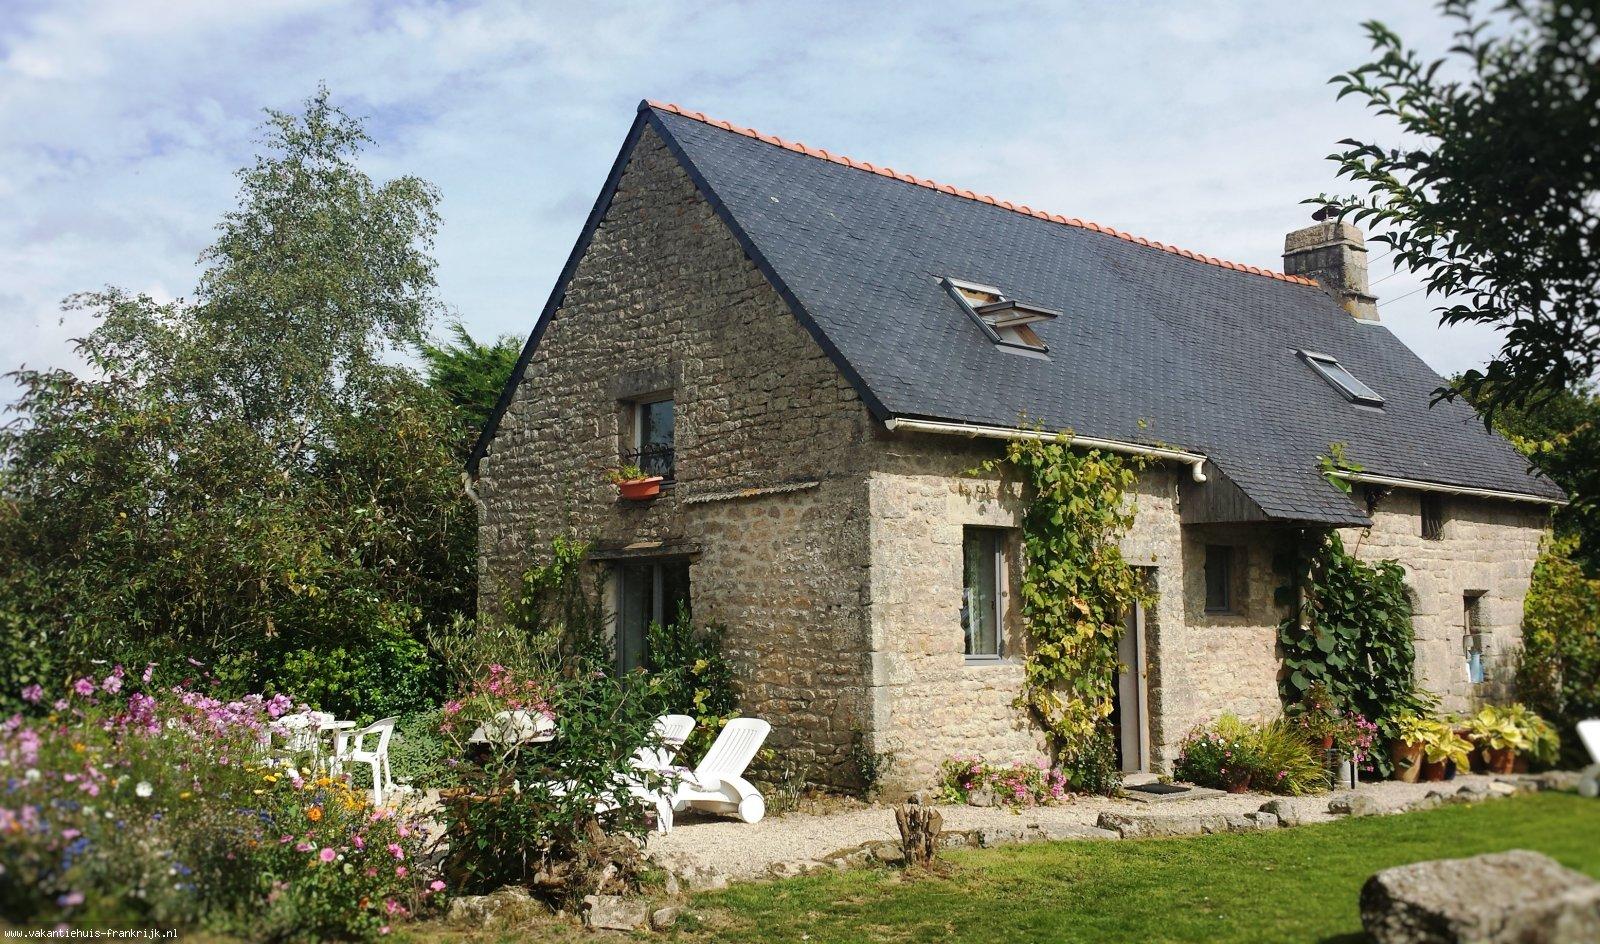 Vakantiehuis: Rust, kalmte, prachtige omgeving, warm onthaal in de traditionele granieten boerderij: Les Papillons, uw perfecte lente-, zomer- of herfstvakantie te huur voor uw vakantie in Morbihan (Frankrijk)